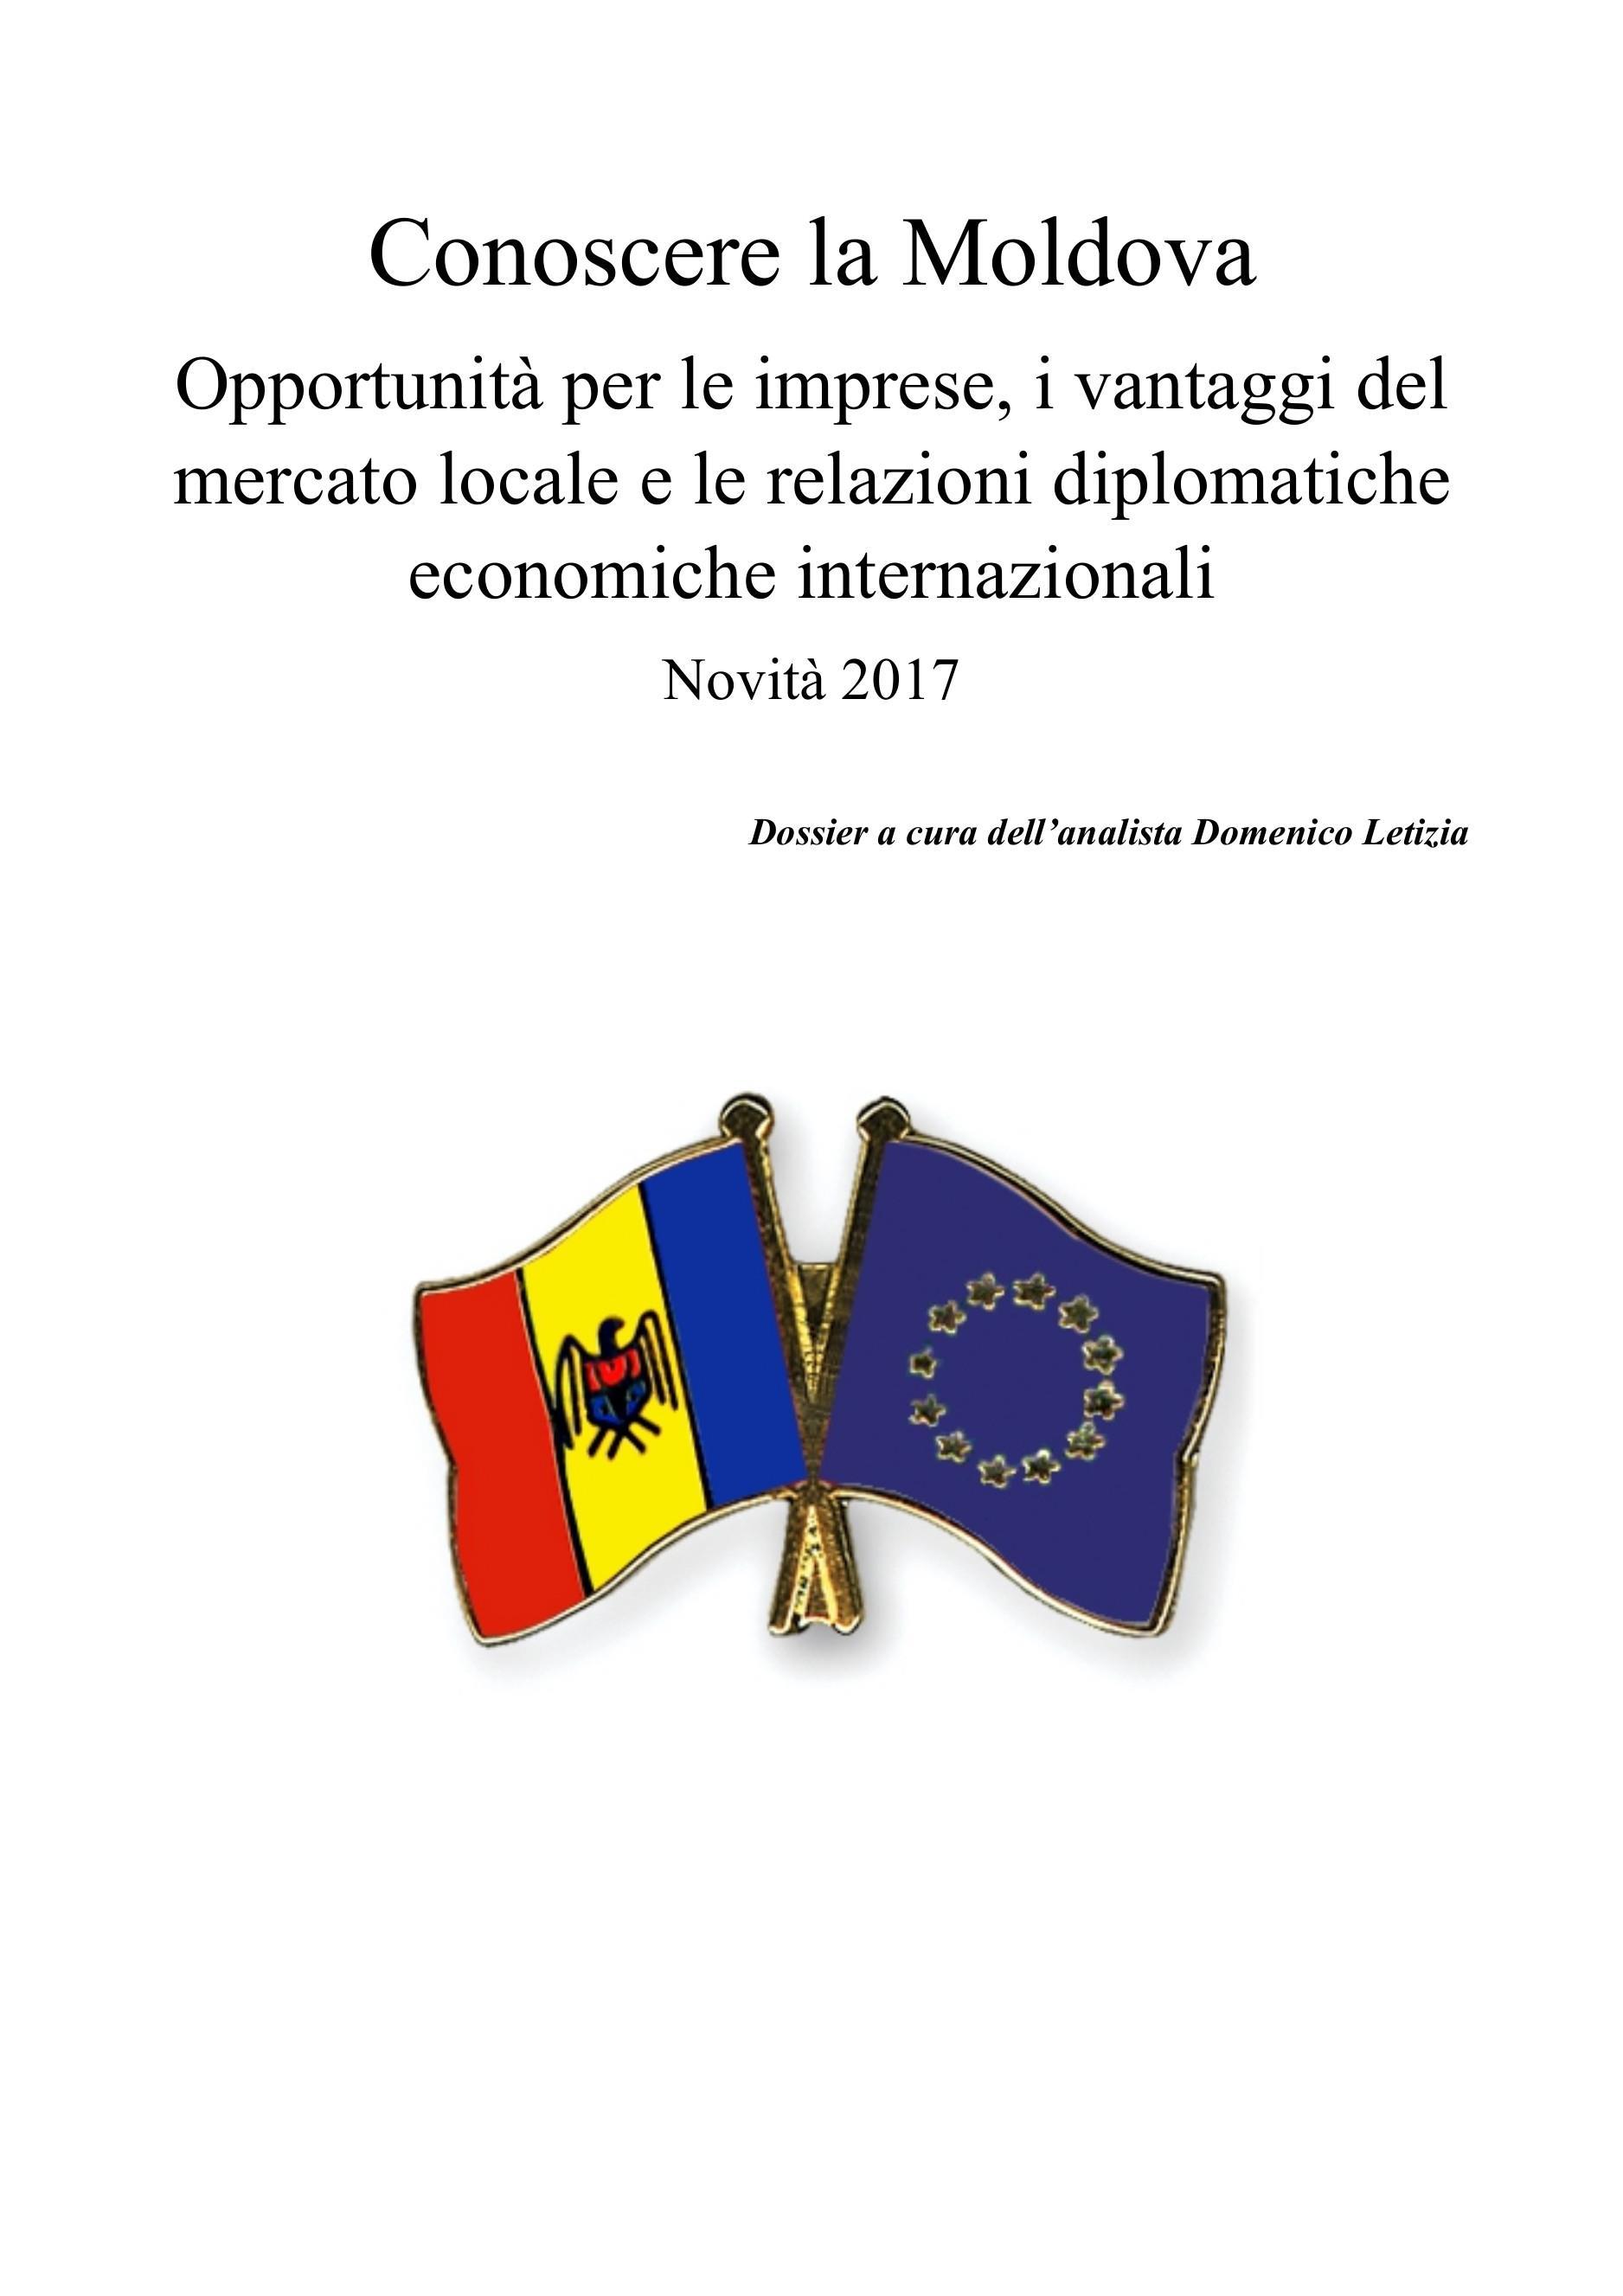 Conoscere la Moldova. Opportunità per le imprese, i vantaggi del mercato locale e le relazioni diplomatiche economiche internazionali